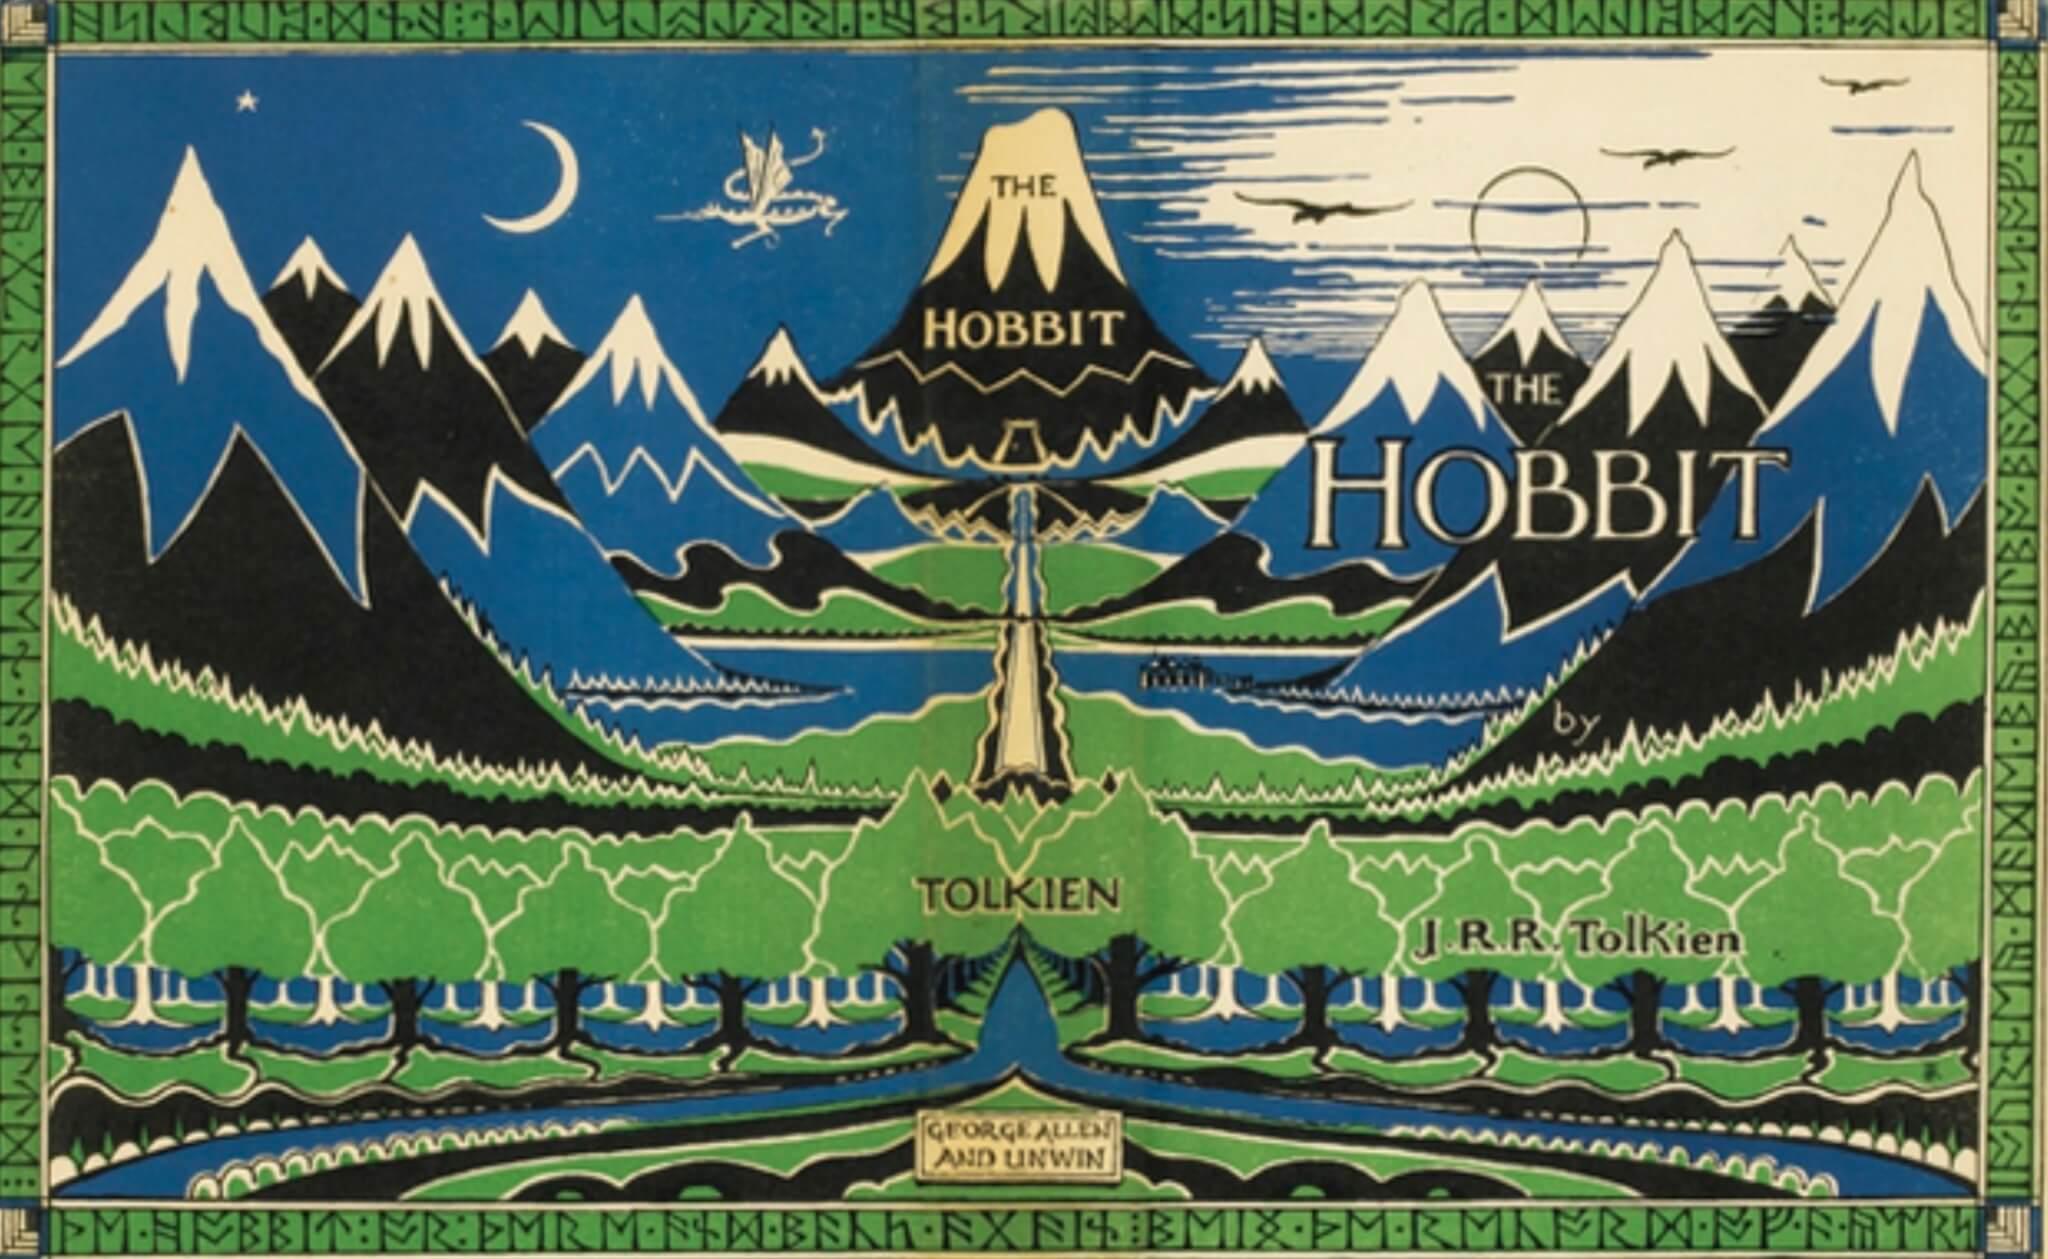 《荷比》(The Hobbit)初版封面畫,陶更親自設計,以樹為主題。此書初版可值美金二十萬。